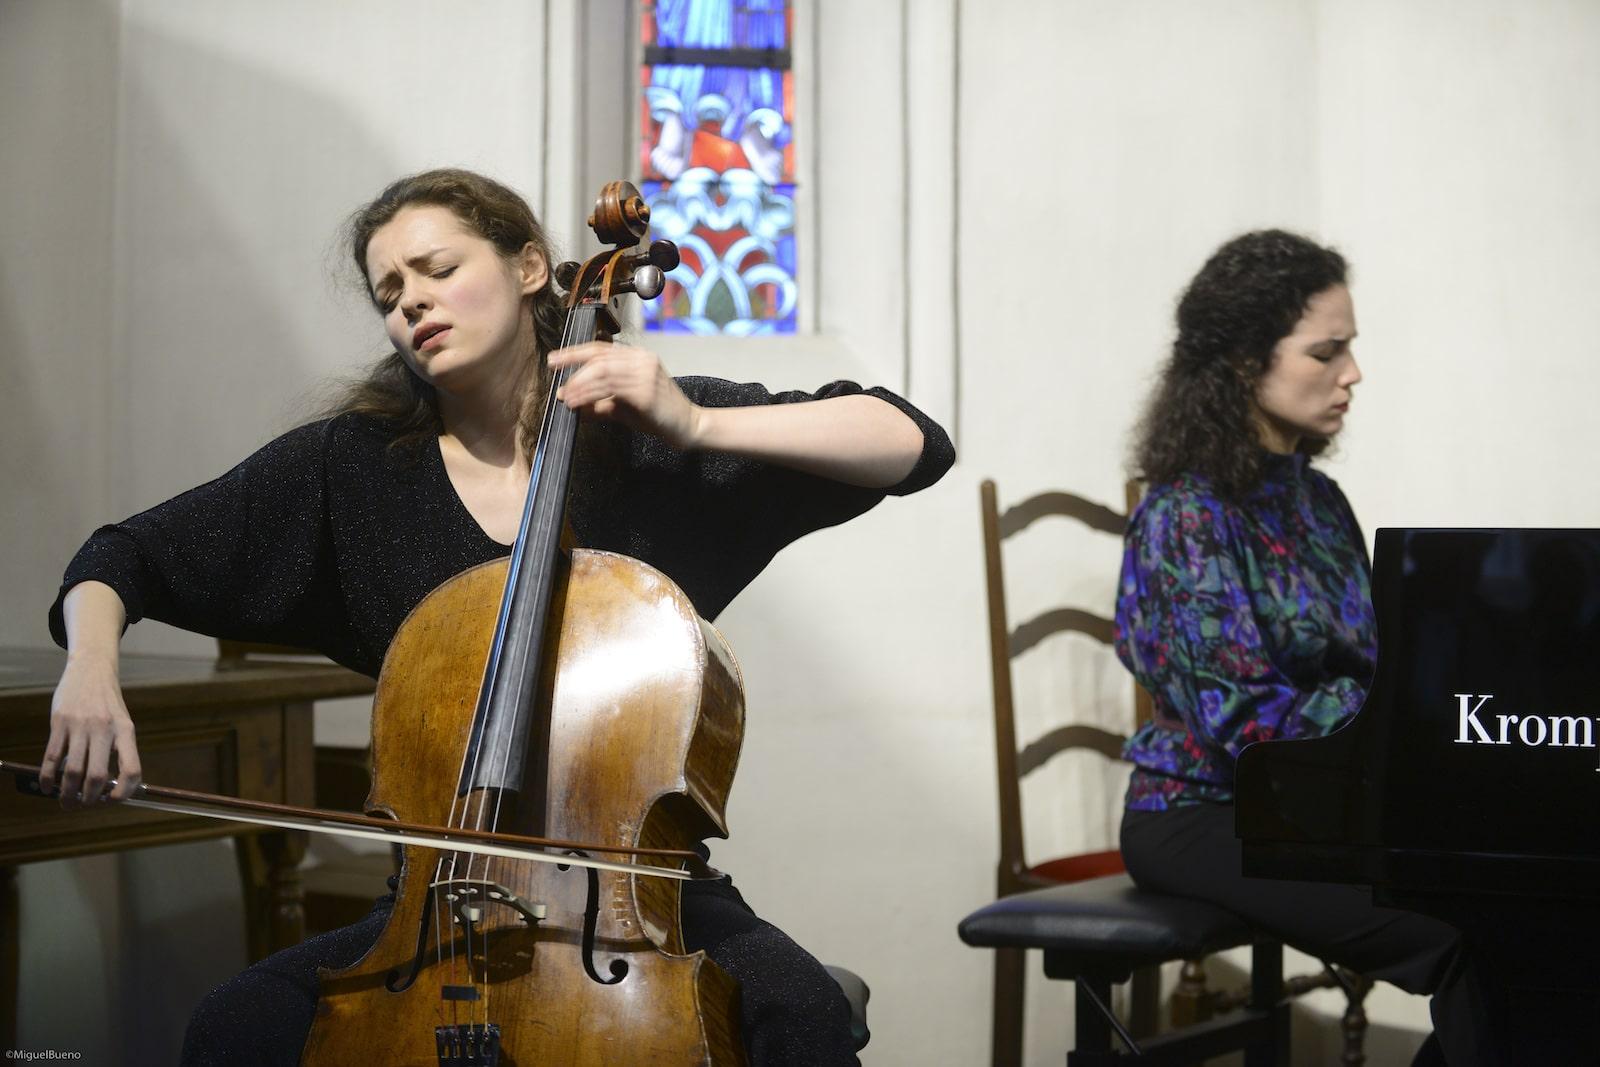 La violoncelliste russe Anastasia Kobekina, doublement récompensée aux Sommets Musicaux de Gstaad